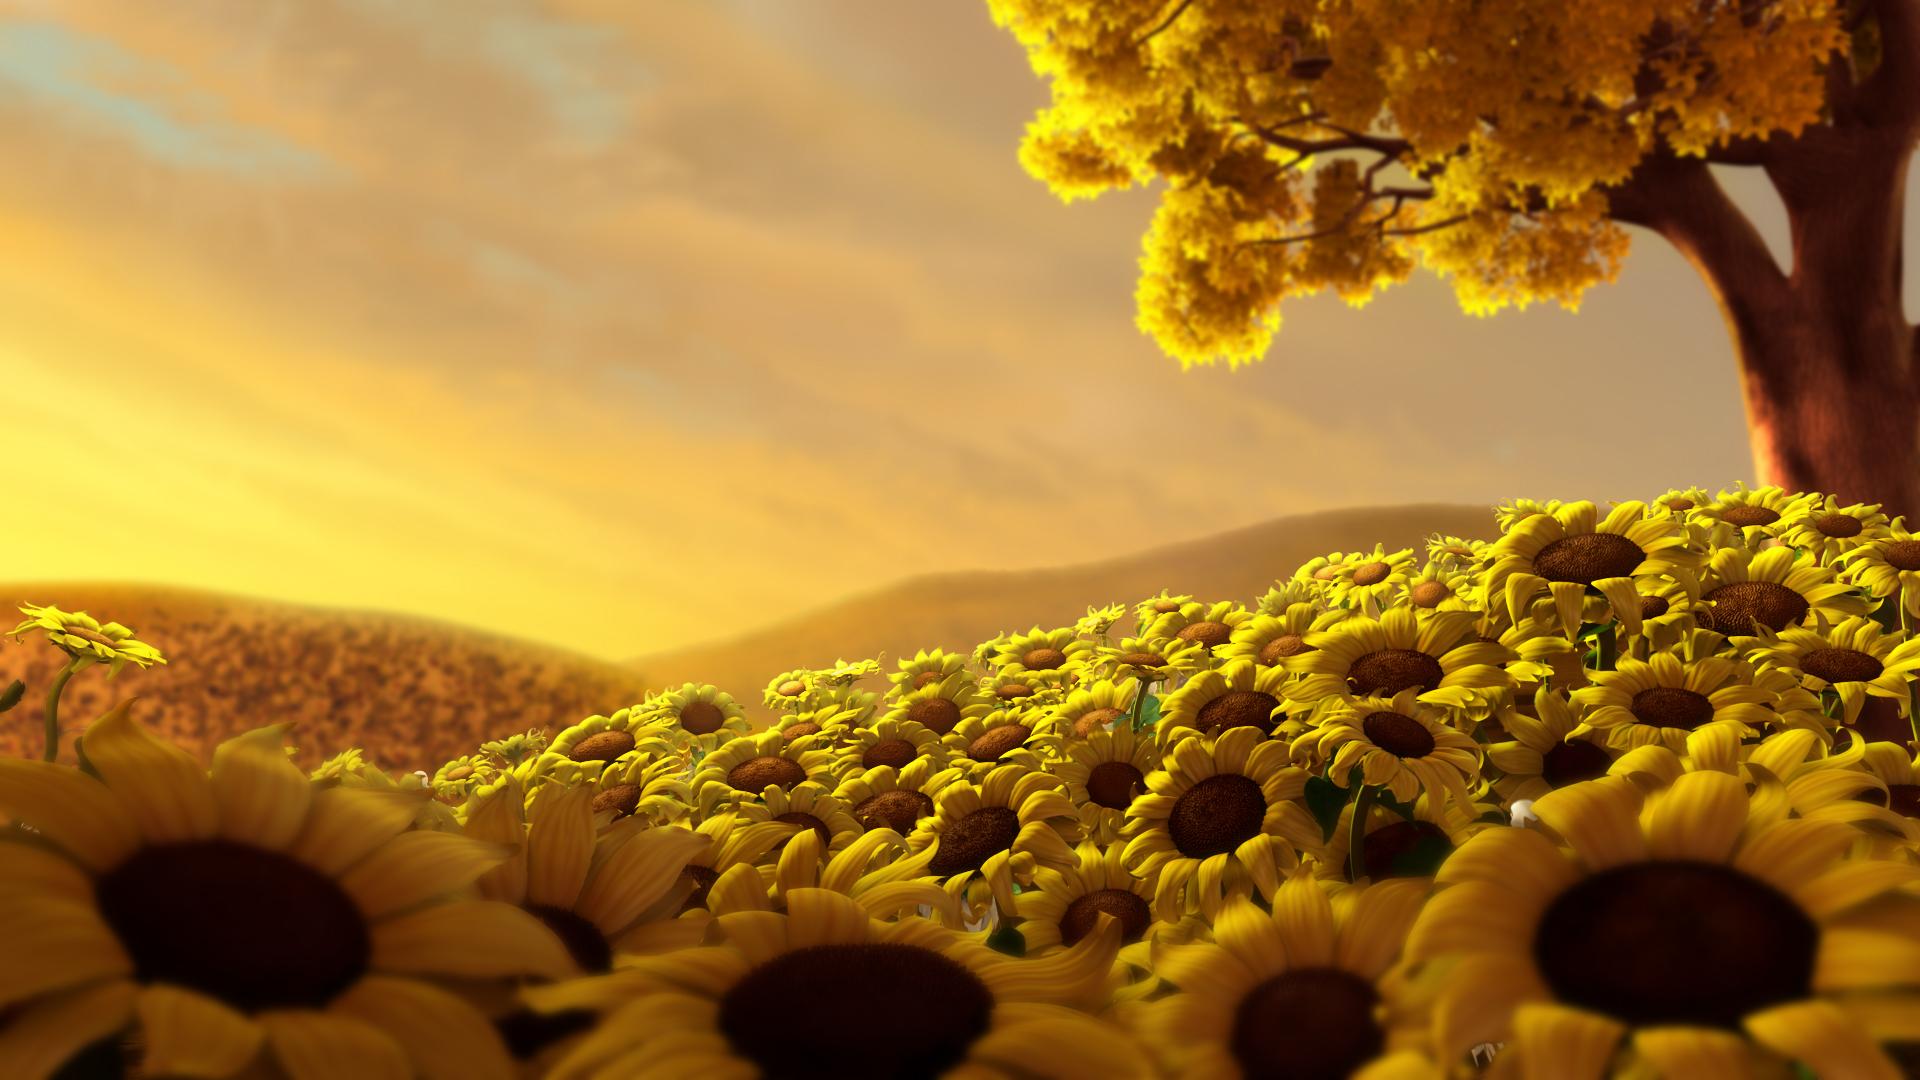 35402 скачать обои Цветы, Фон, Подсолнухи - заставки и картинки бесплатно